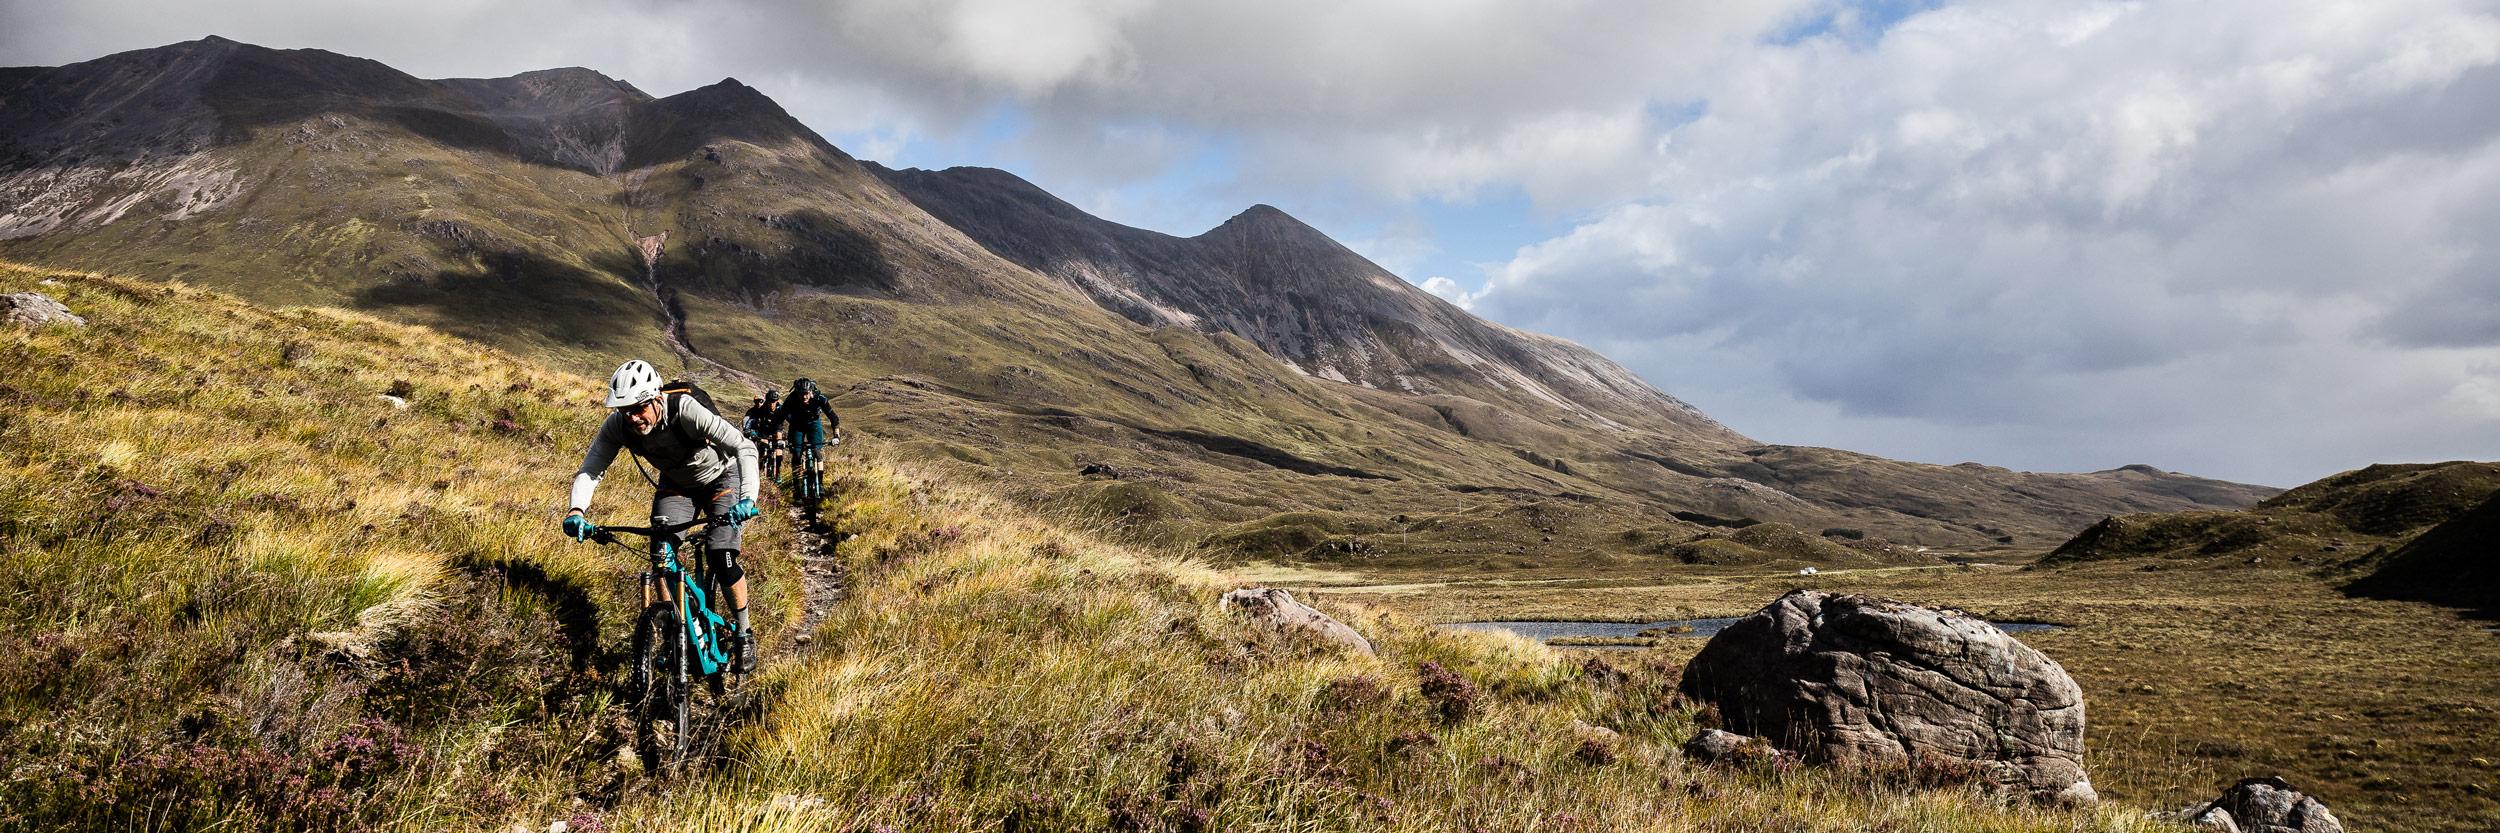 Mountain bike tours - The Highland Odyssey, Scotland